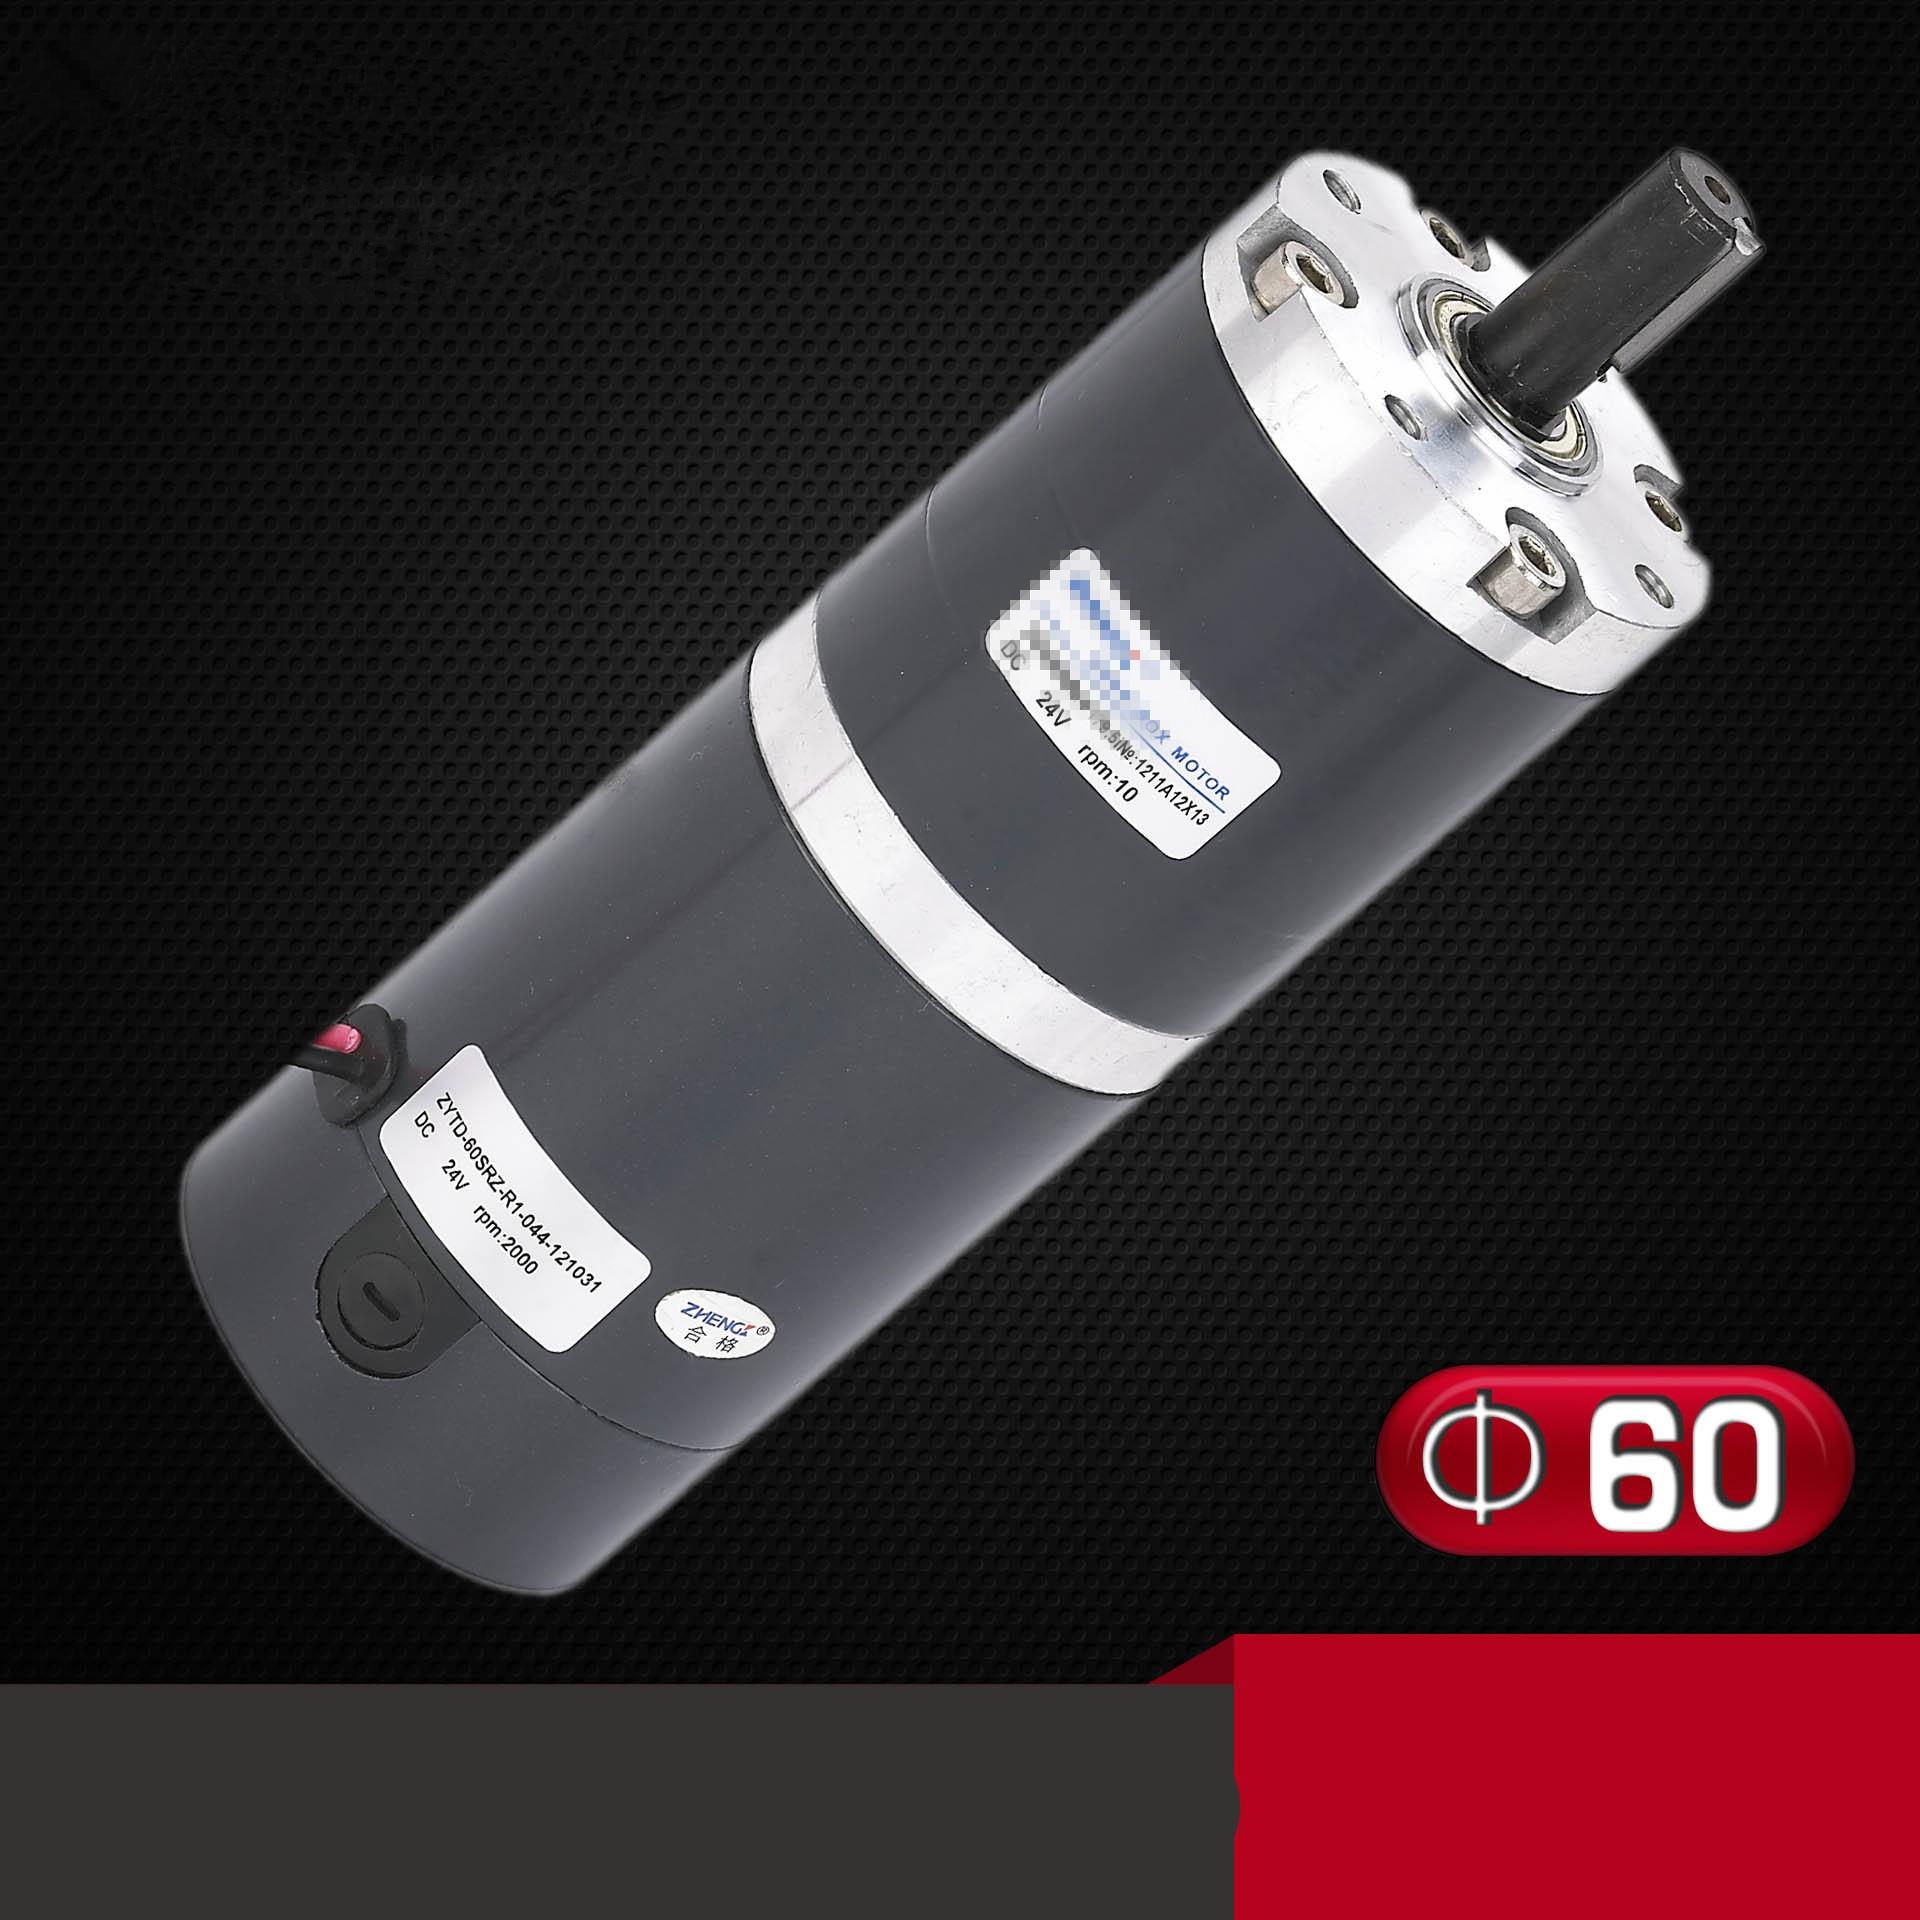 ZGX60RMM DC 12 В 24 В 12 мм 60 мм вал постоянный магнит планетарный Шестерни щетки двигателя 5 об./мин.-570 об./мин.